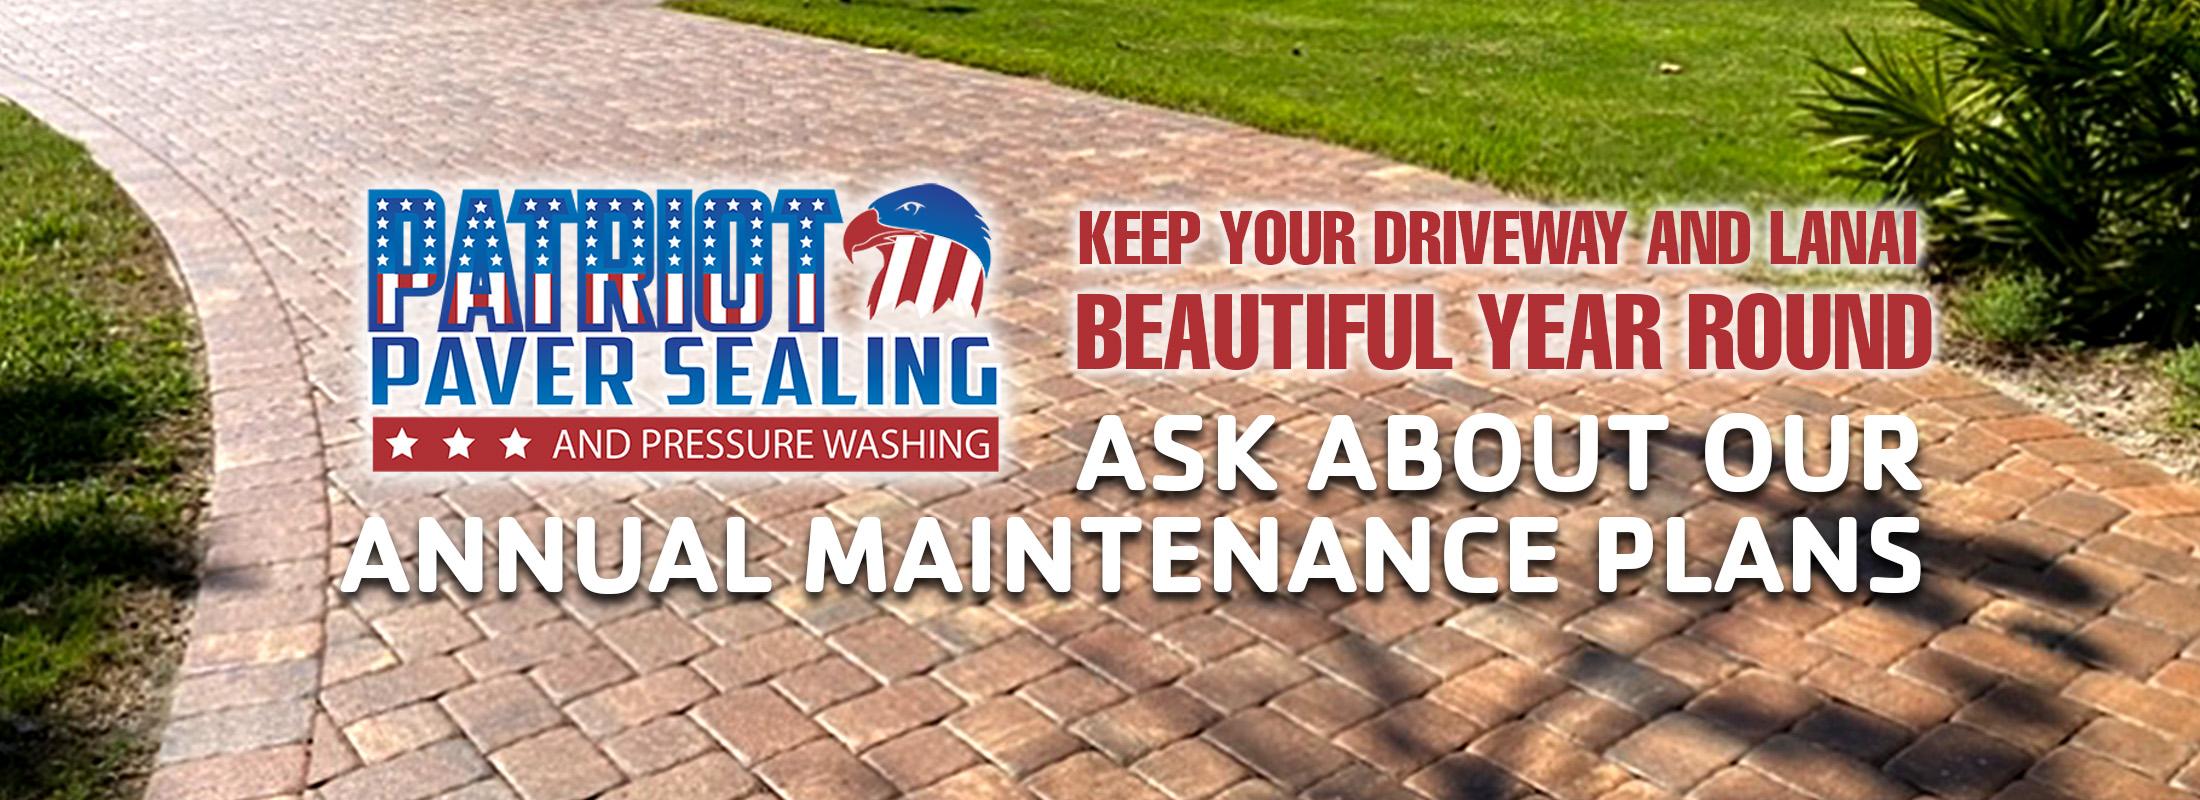 Patriot Paver Sealing Annual Maintenance Plan Banner